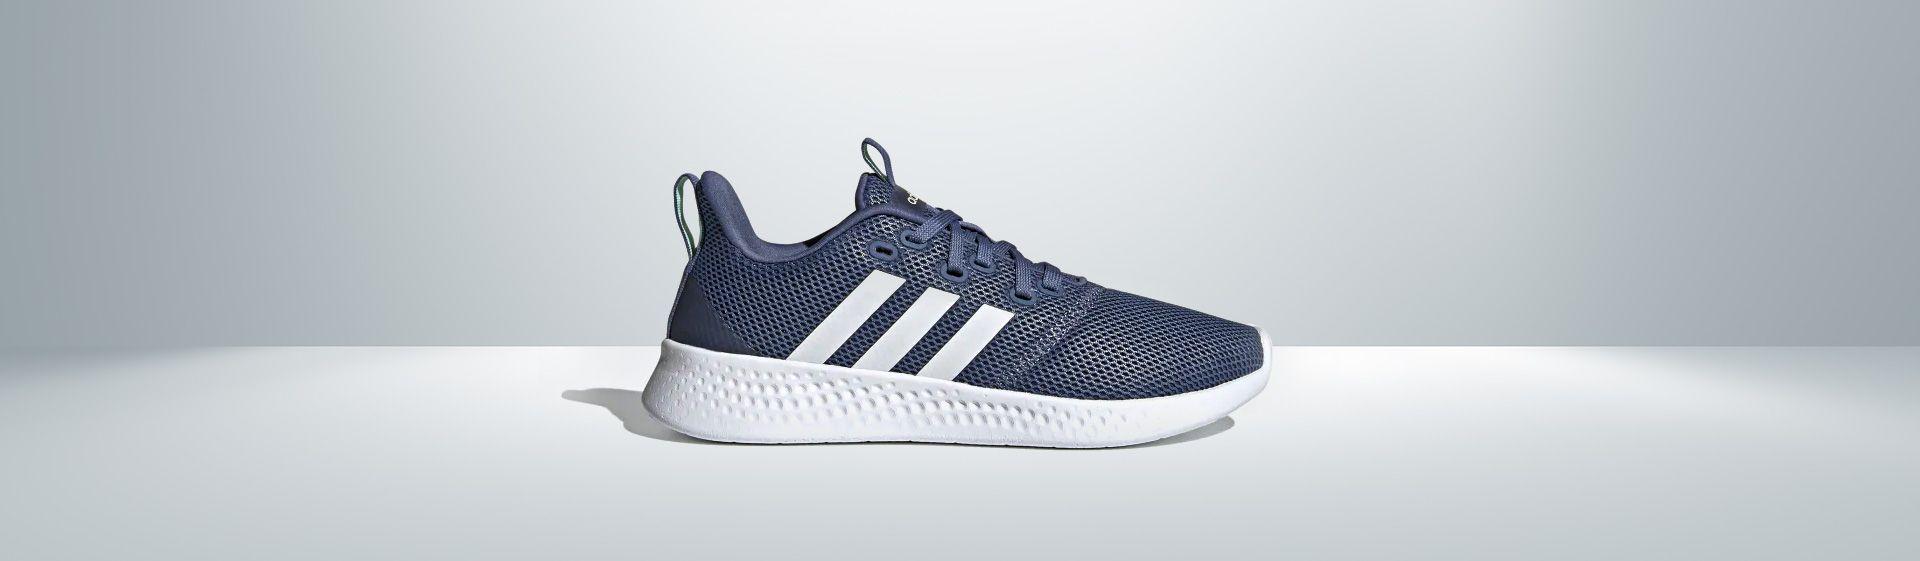 Tênis Adidas Puremotion é bom? Confira análise do tênis de corrida